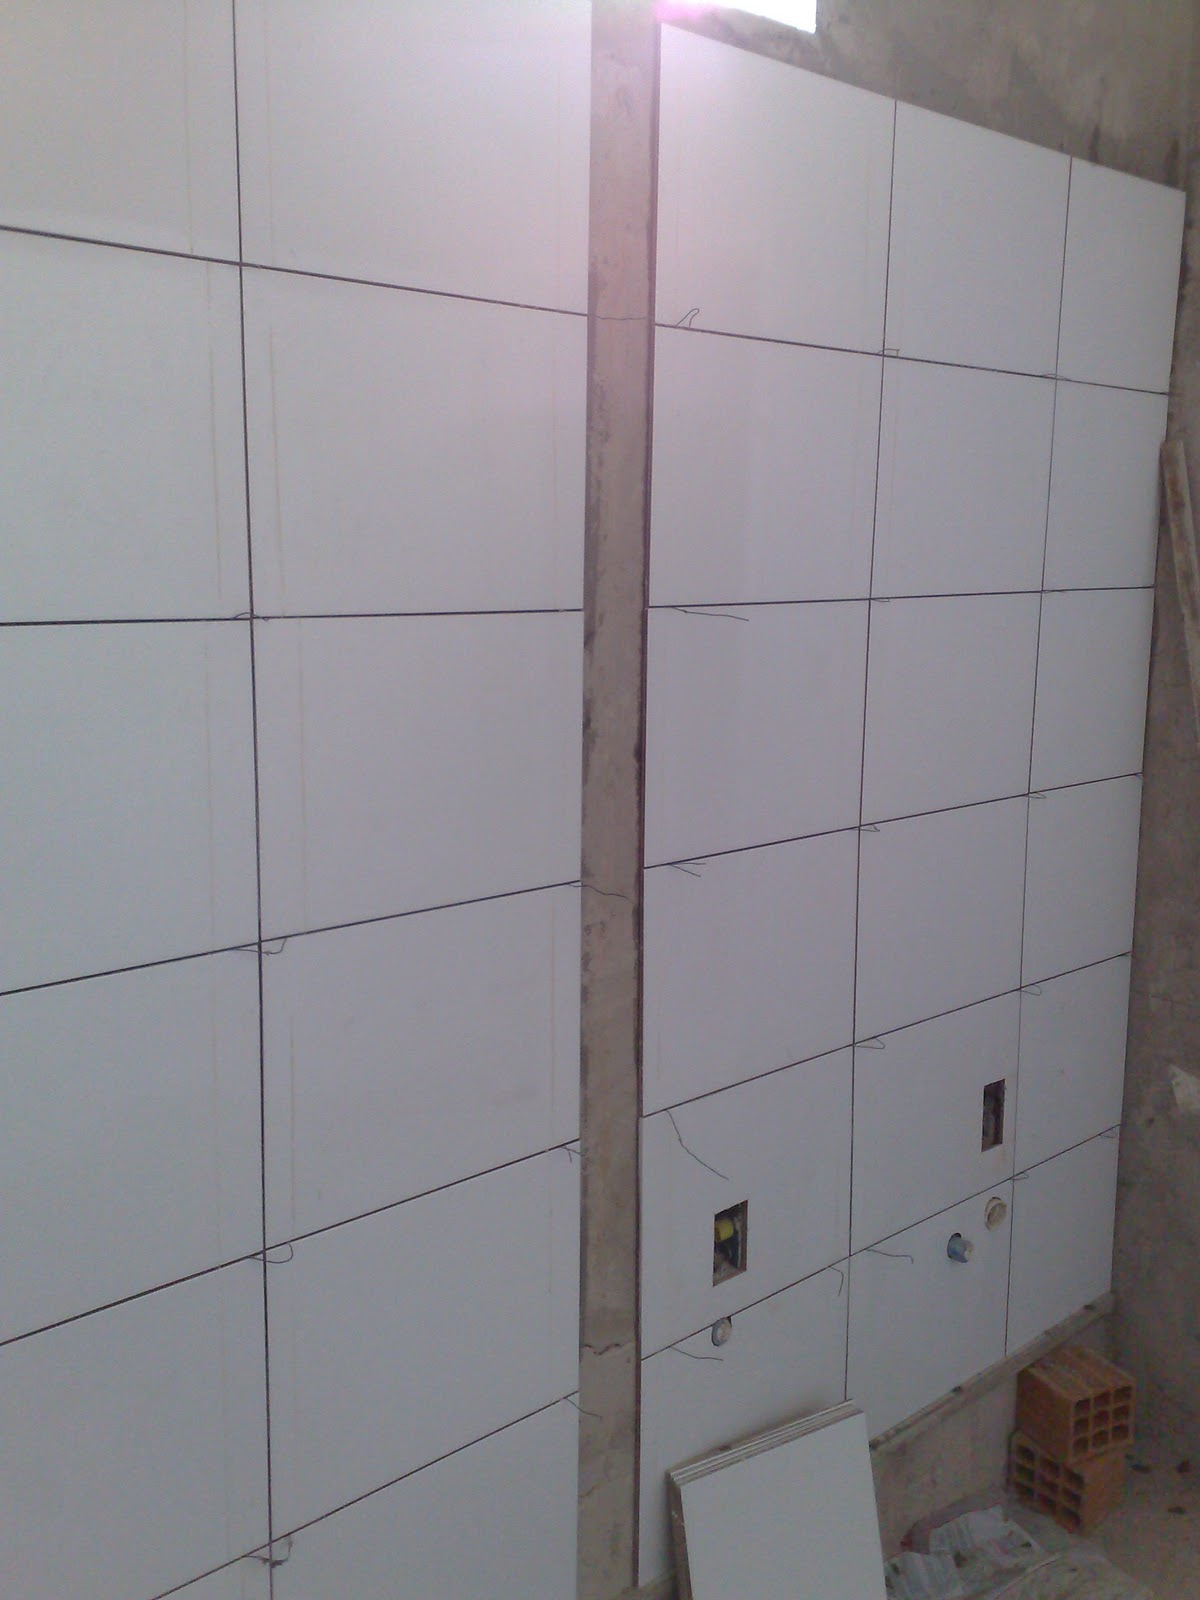 Populares Passo a passo da construção da minha primeira casa: banheiro QS99